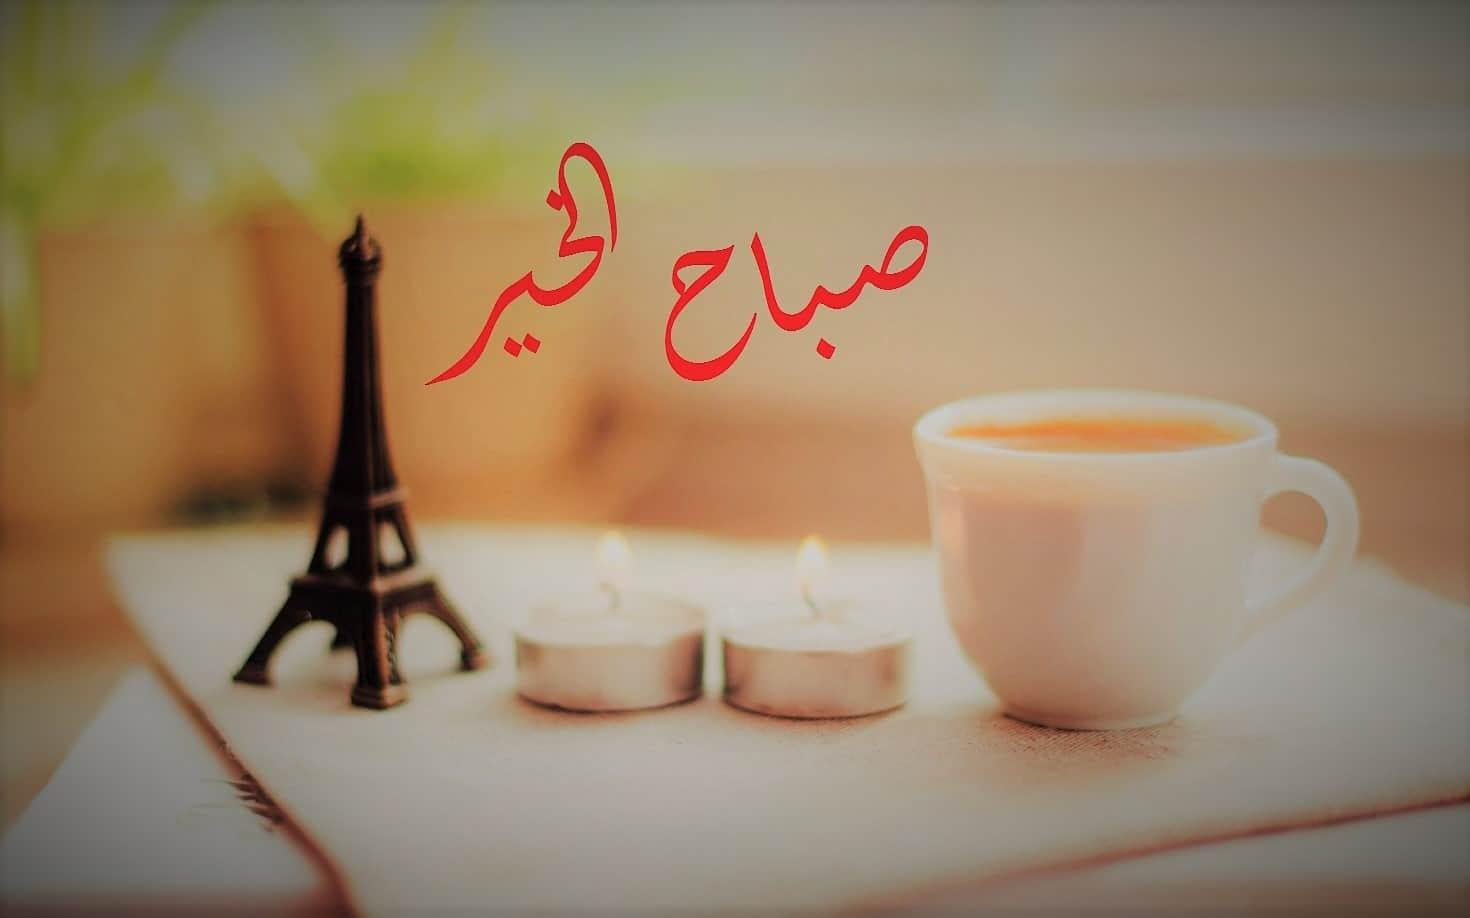 بالصور كلمة صباح الخير , صور جميلة مكتوب عليها صباح الخير 3910 8